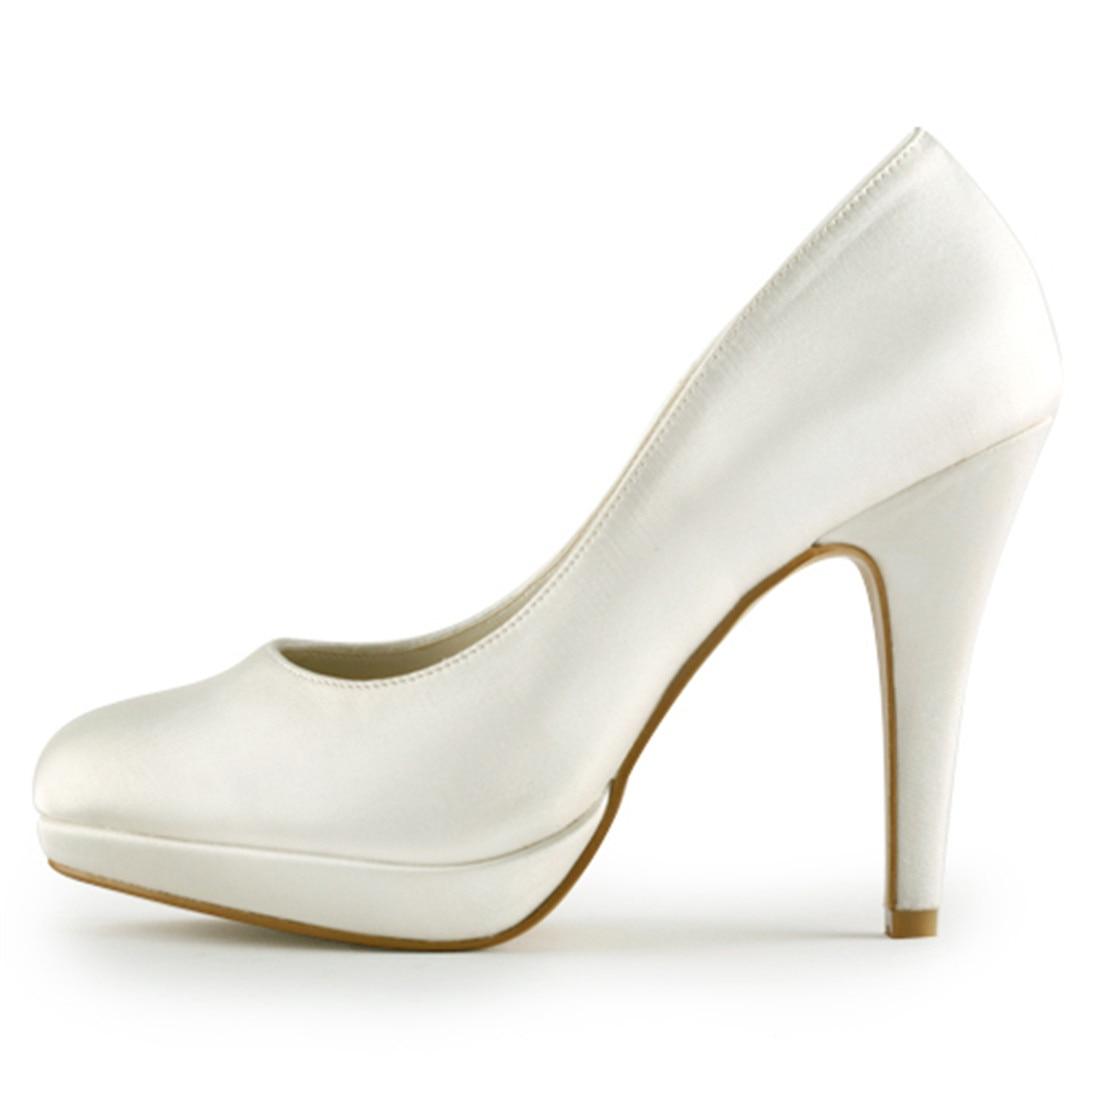 Elegantes Saltos Altos Finos Plataforma Bombas de Noiva de Cetim de Luxo Nupcial Da Dama de Honra Do Marfim Branco Champanhe Sapatos Uninnova 521 1 LY - 2